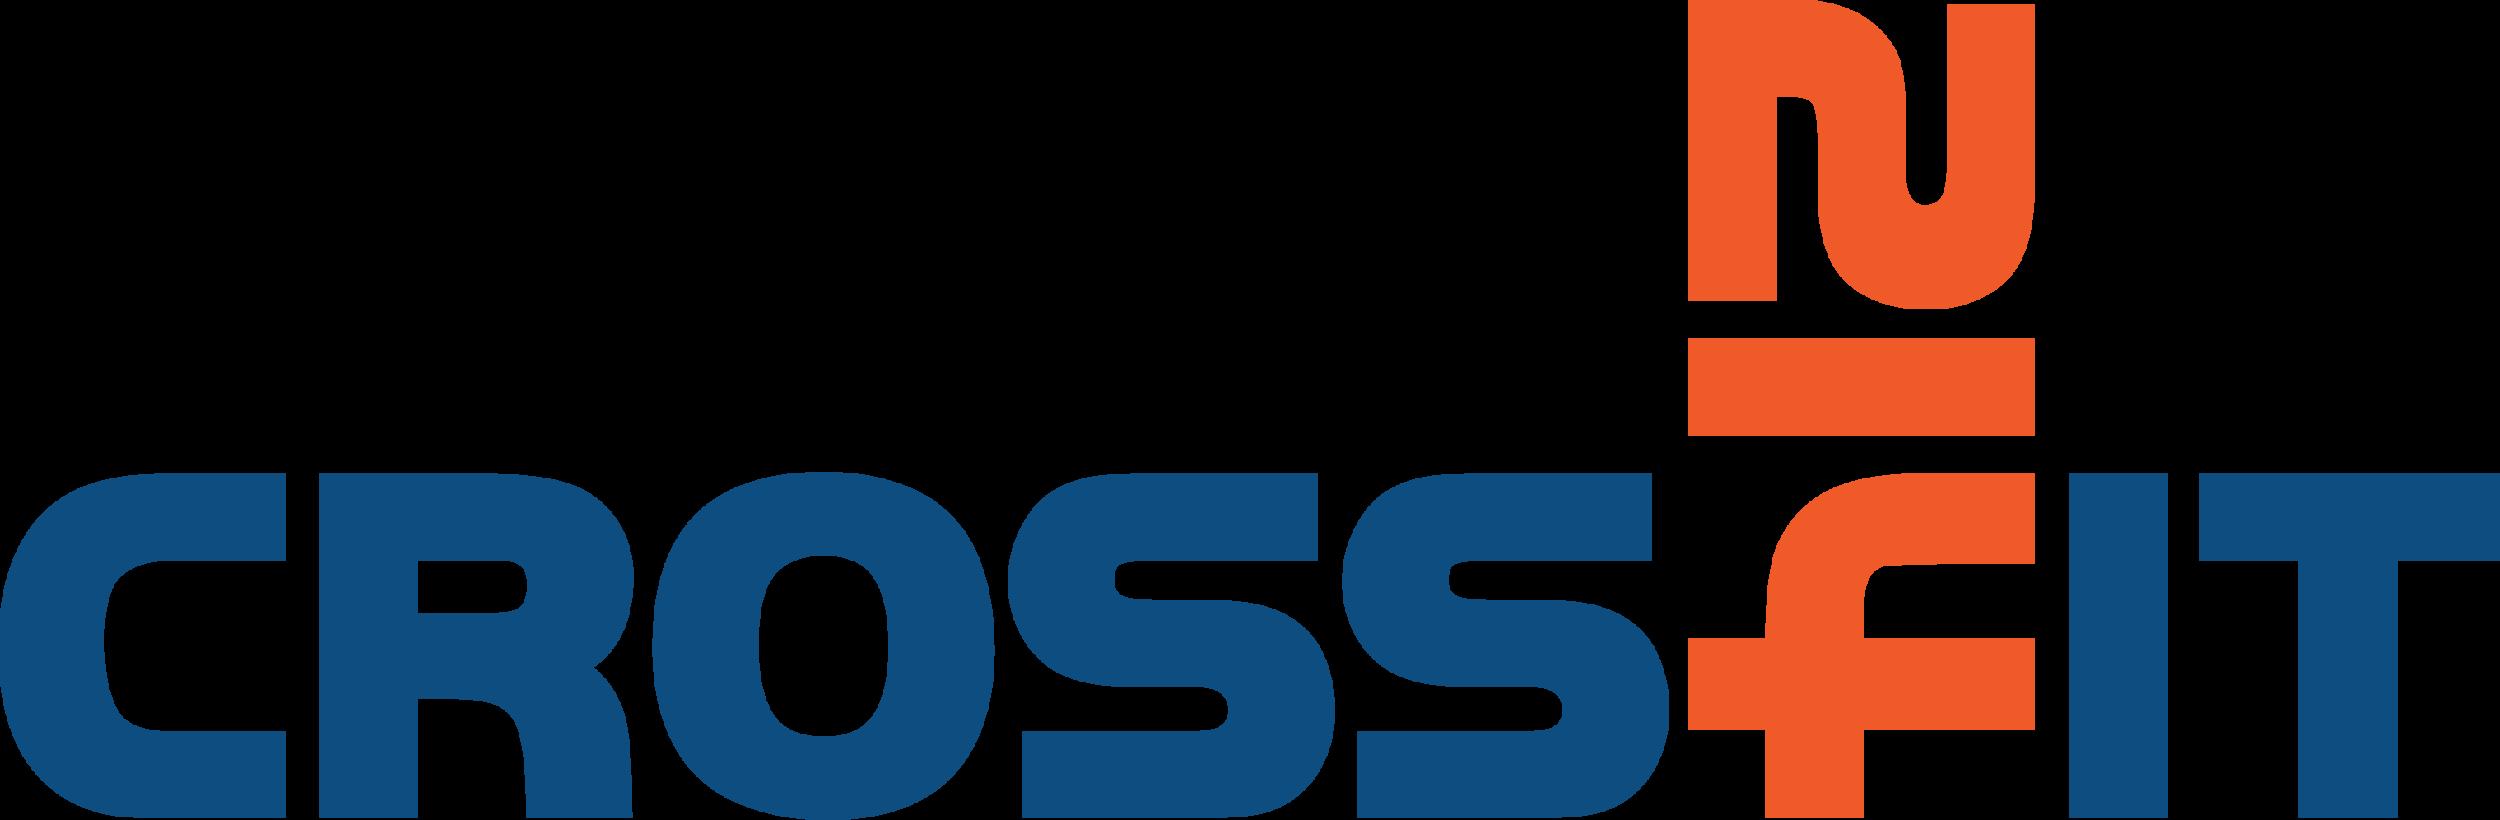 crossfit214_logo.png